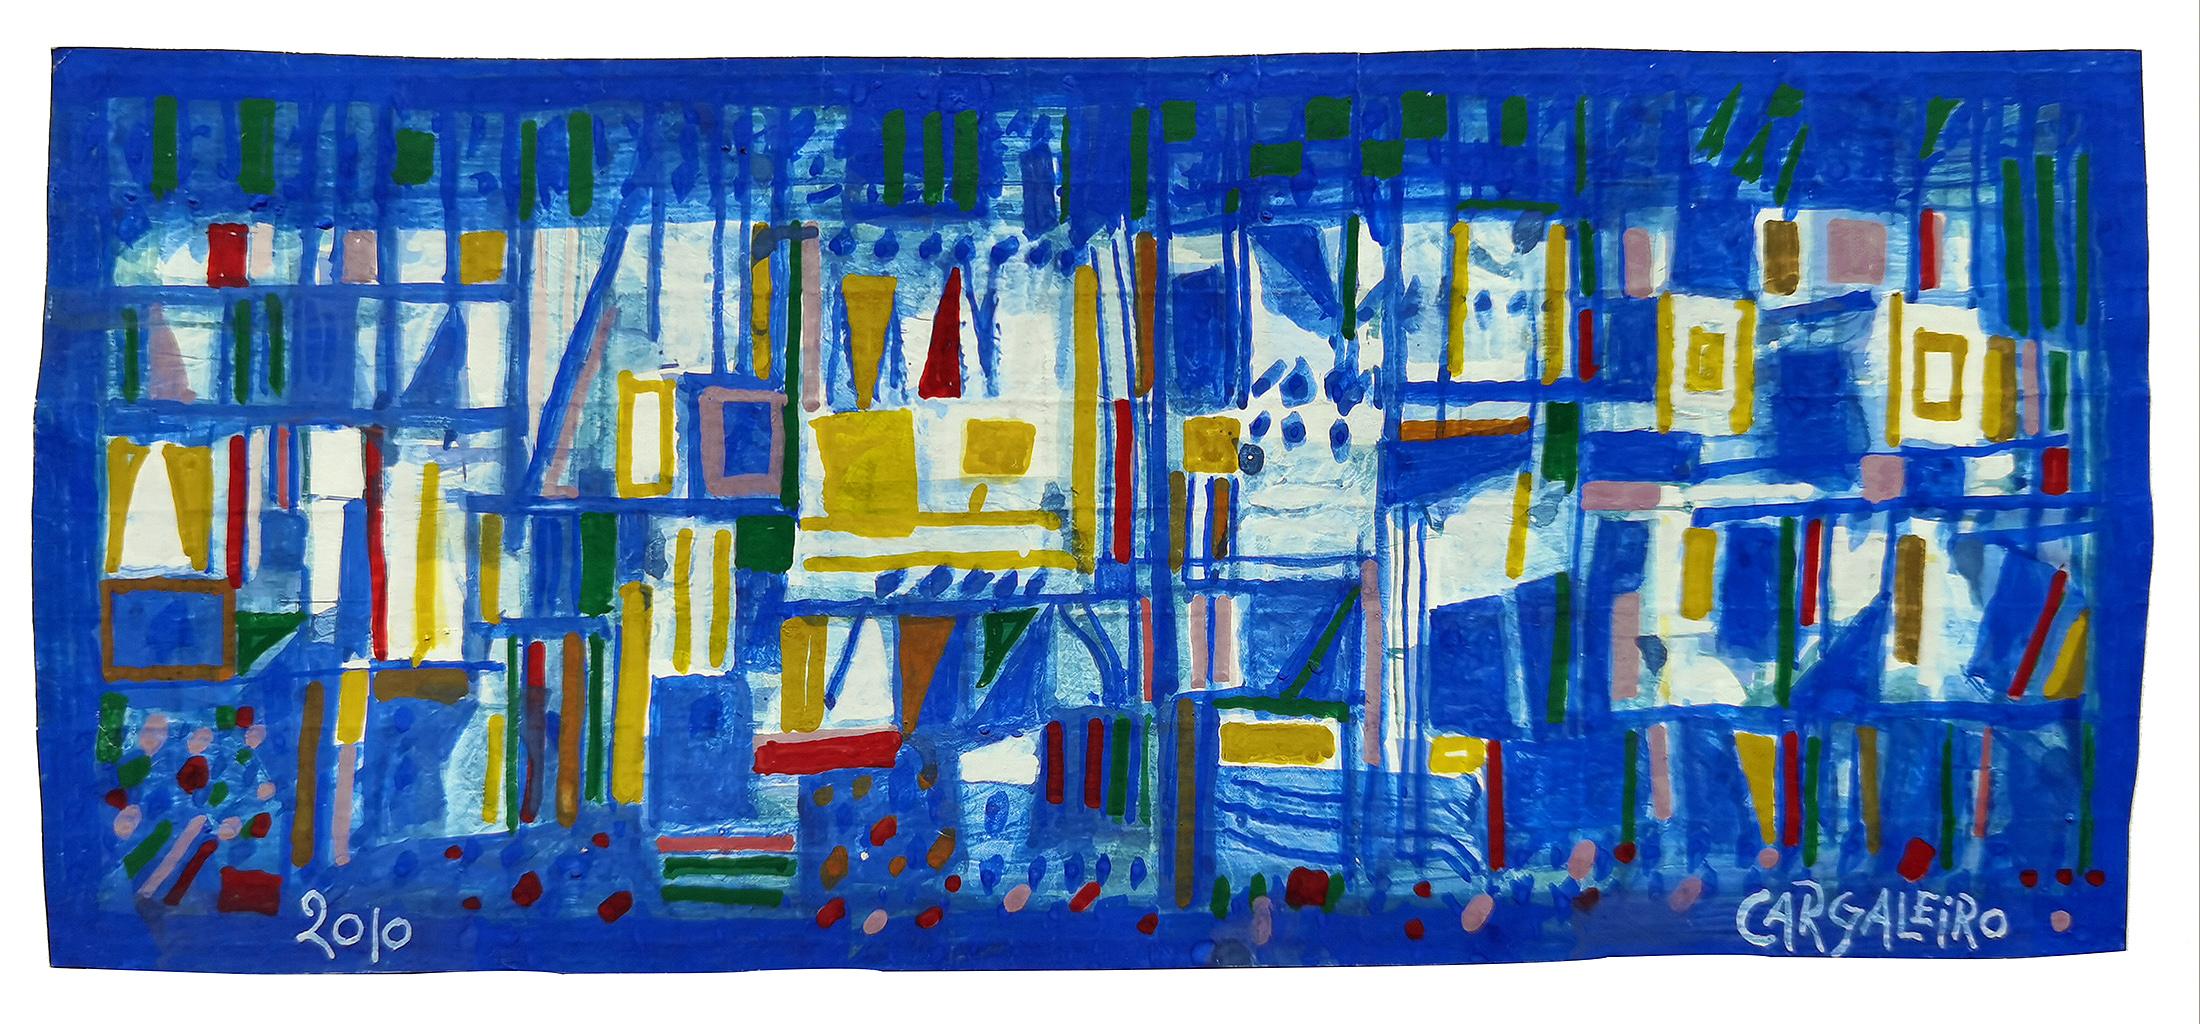 Composição,  guache sobre papel chiffon, 10,3 x 24 cm, 2010